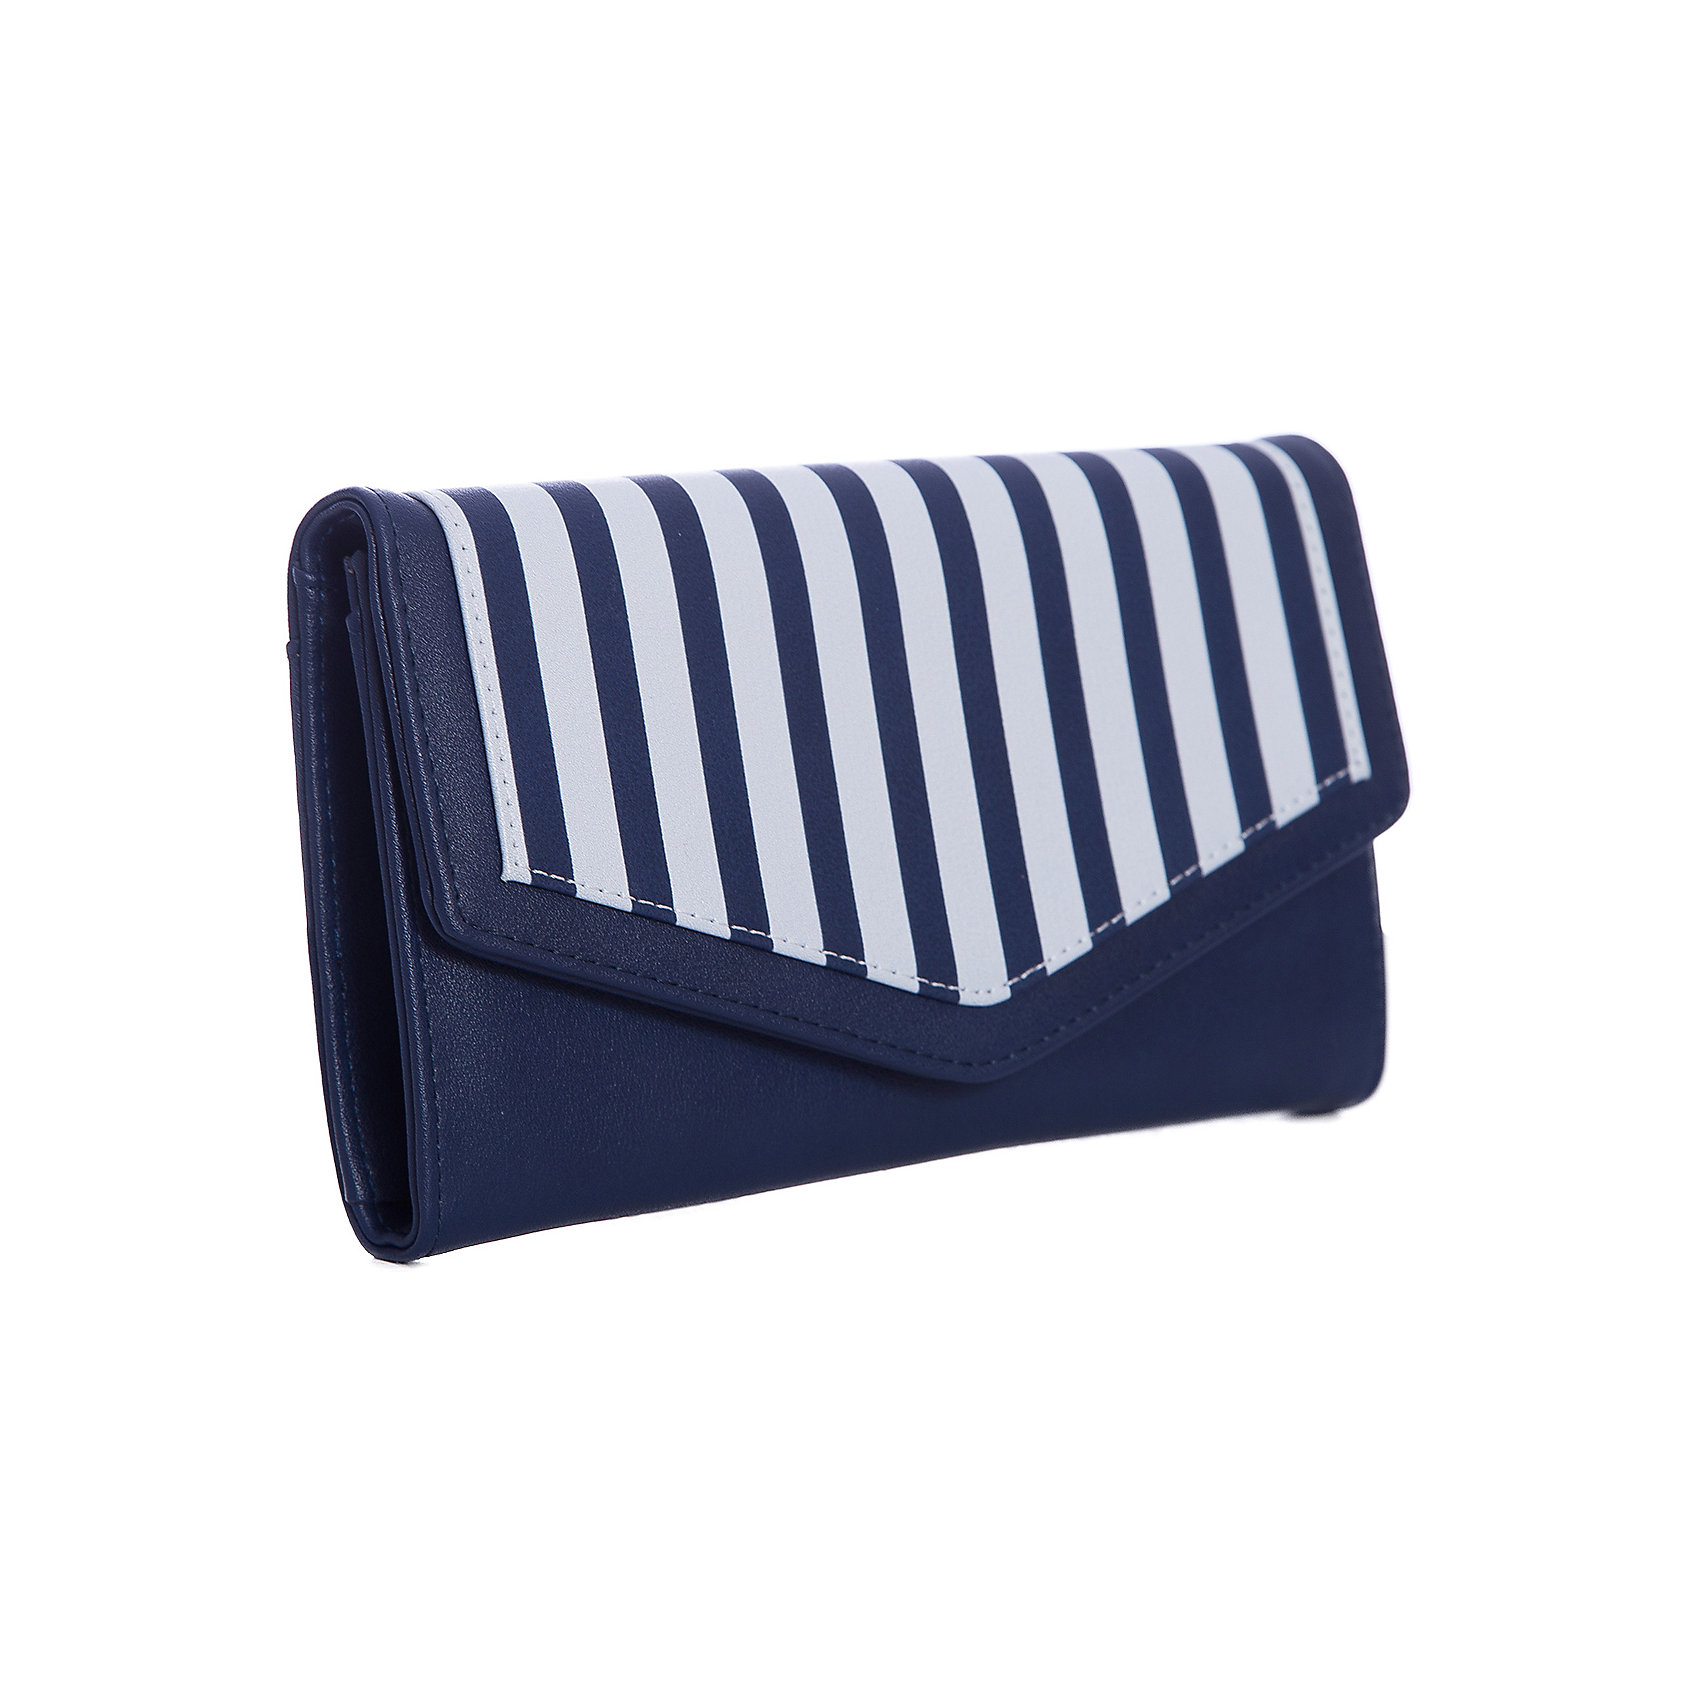 Сумка для девочки GulliverАксессуары<br>Модная синяя сумка для девочки с полосатым клапаном - отличное дополнение к нарядному образу. Несмотря на небольшой размер, в сумке отлично помещается все самое необходимое. Сумка оформлена серебристой металлической фурнитурой. При необходимости длинную ручку-цепочку можно убрать внутрь сумки, превратив сумку в стильный клатч.<br>Состав:<br>полиуретан<br><br>Ширина мм: 227<br>Глубина мм: 11<br>Высота мм: 226<br>Вес г: 350<br>Цвет: синий<br>Возраст от месяцев: 84<br>Возраст до месяцев: 180<br>Пол: Женский<br>Возраст: Детский<br>Размер: one size<br>SKU: 5483467